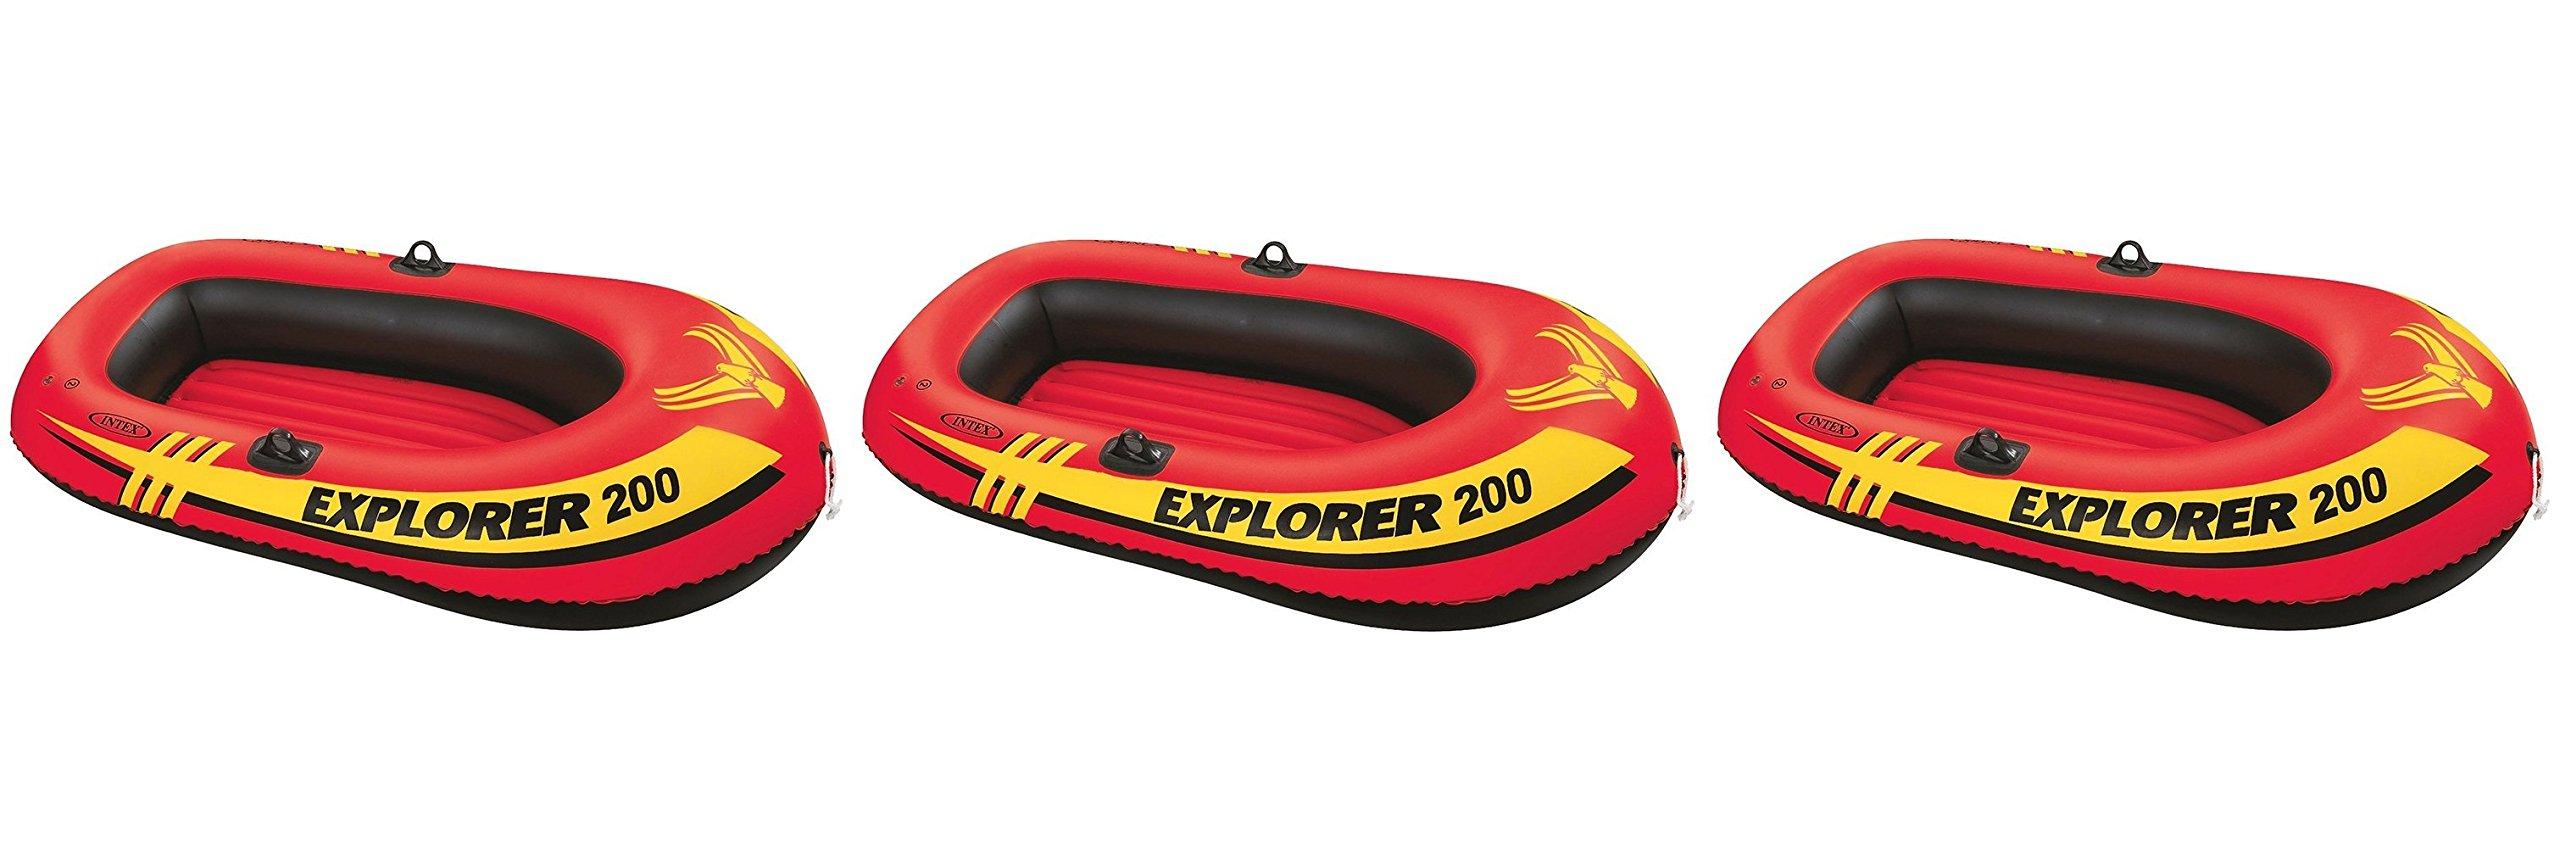 Intex Explorer 200, 2 Person kurcas Inflatable Boat, 3 Units